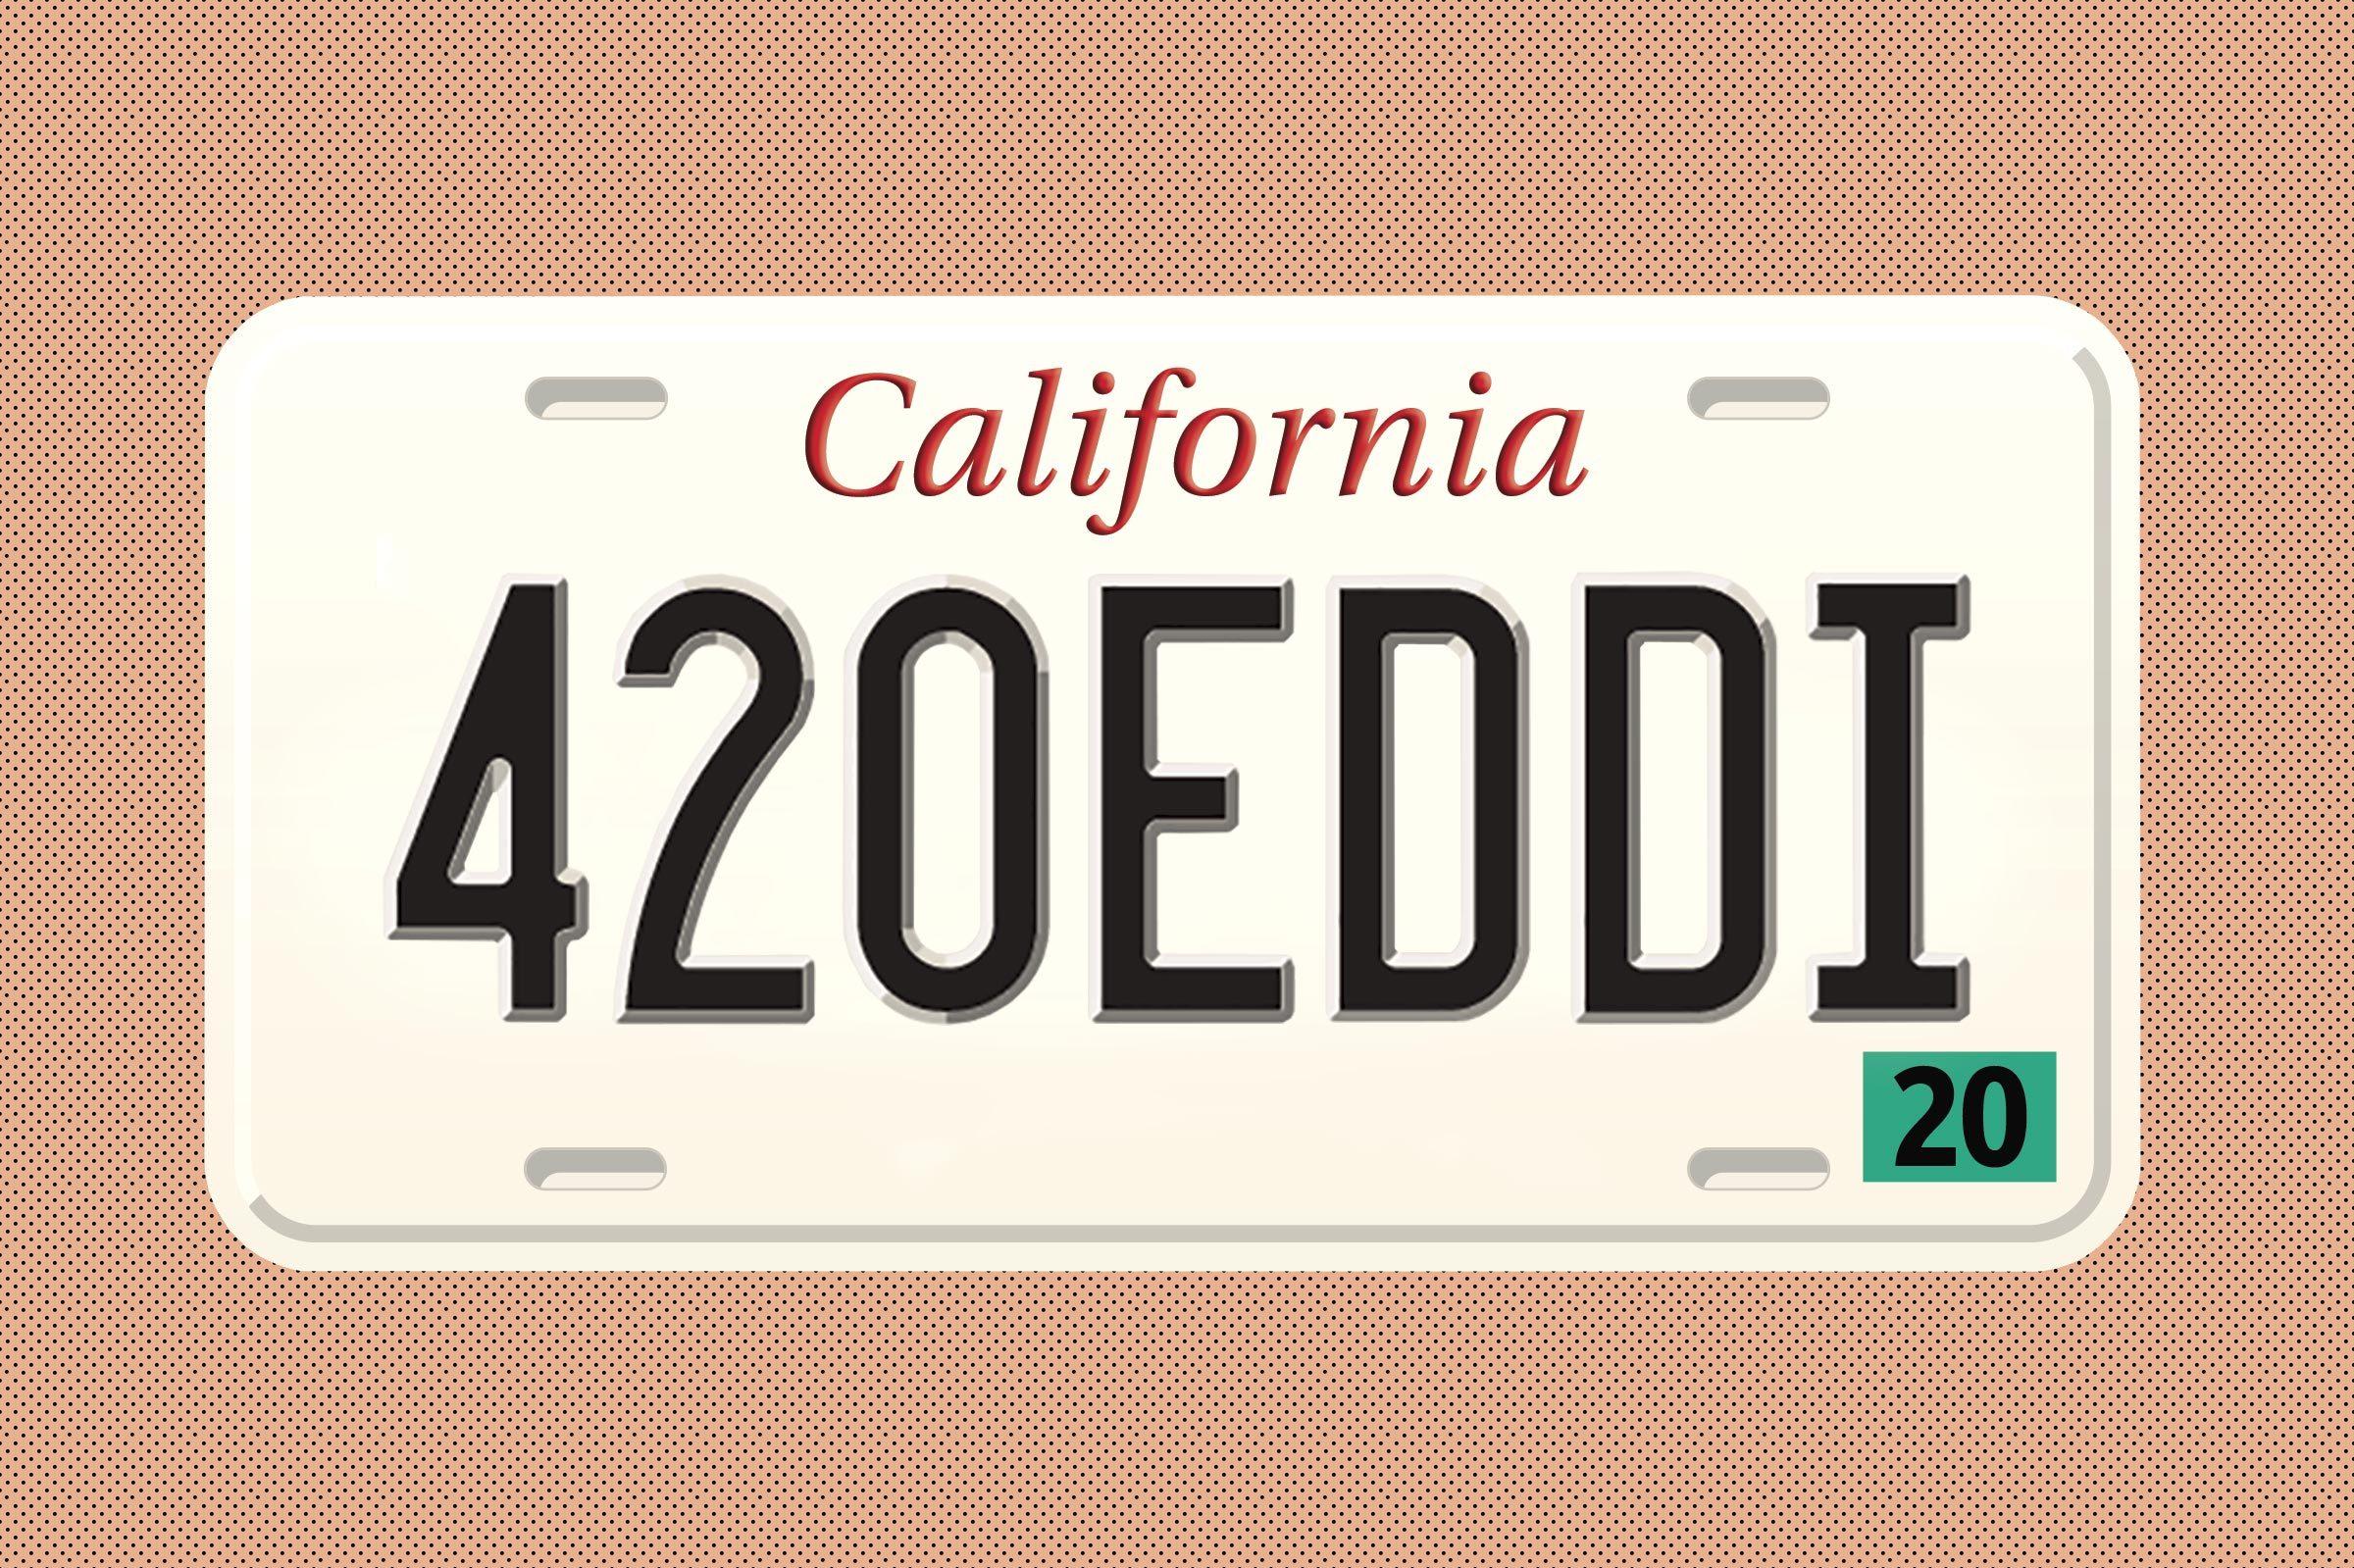 420EDDI